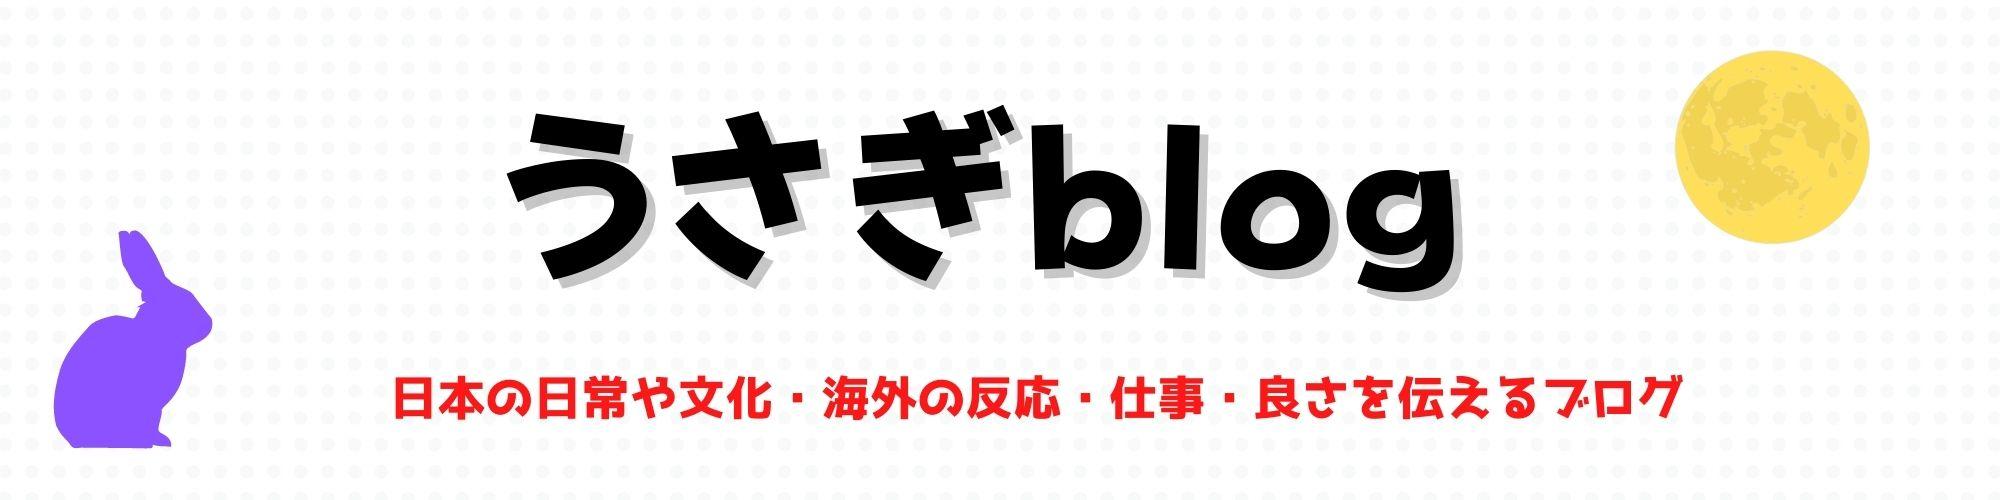 日本の日常や文化・海外の反応・仕事・良さを伝えるブログ